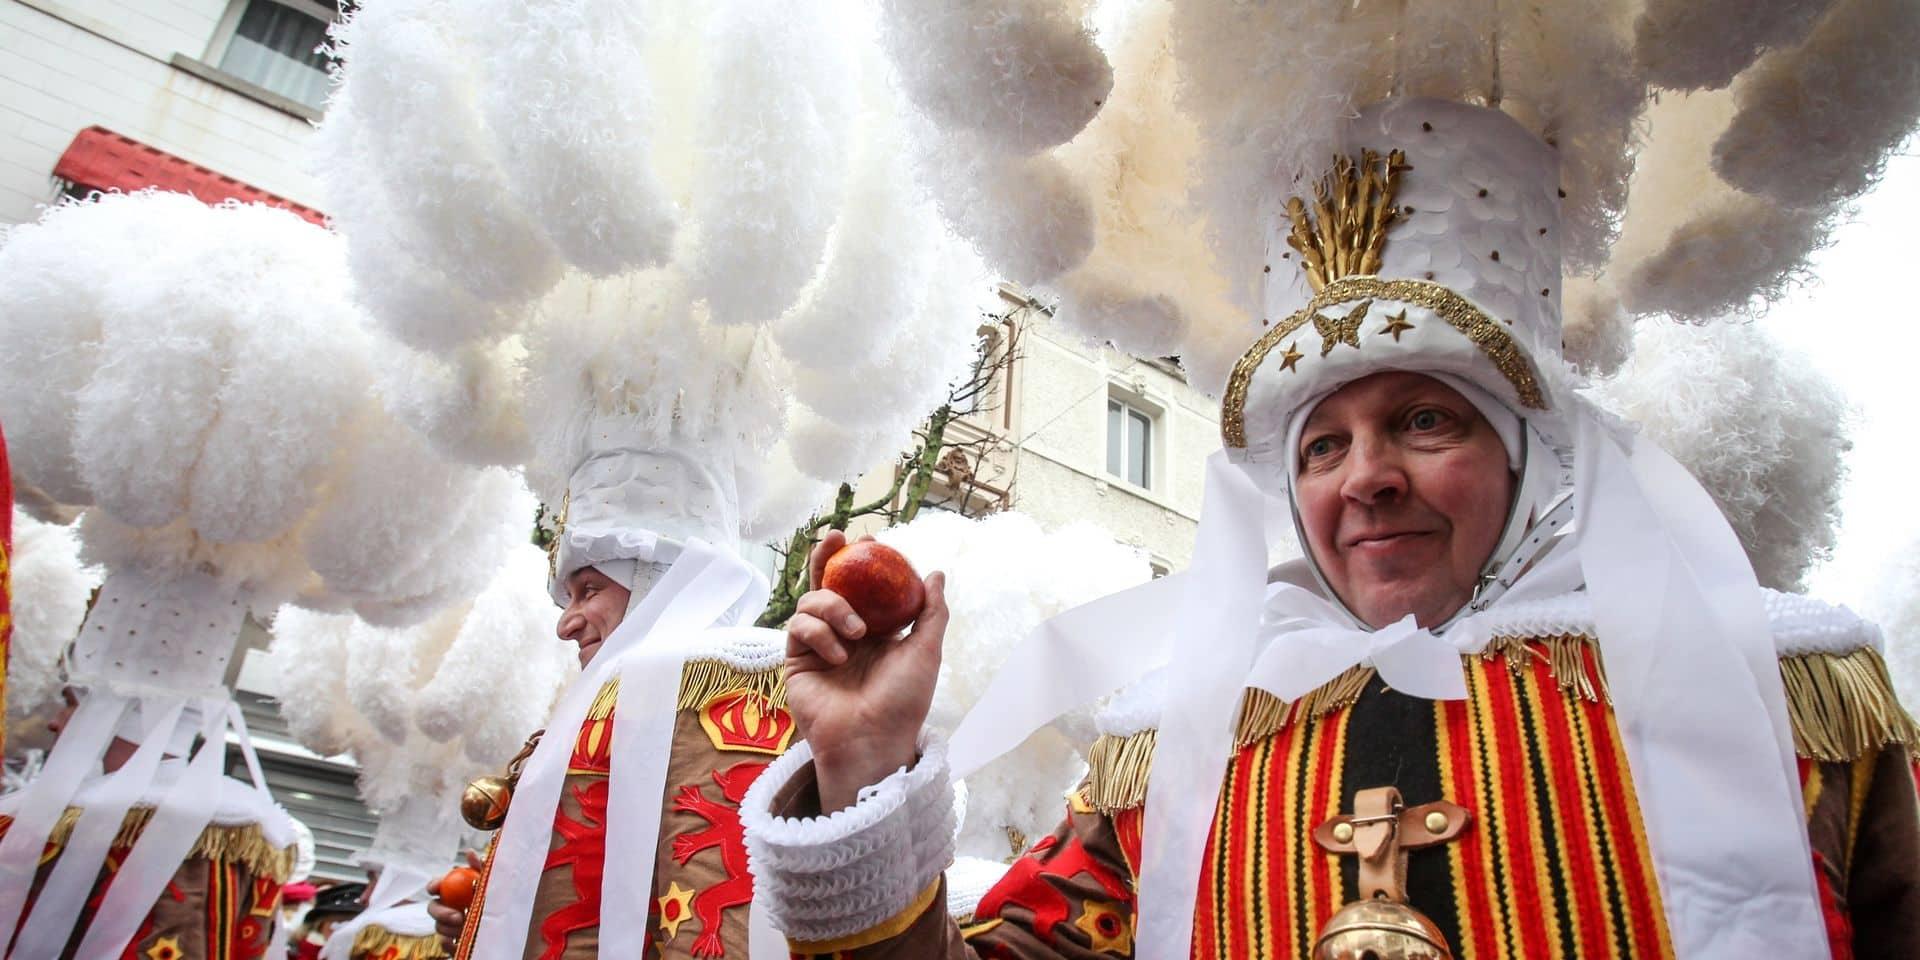 """La Louvière: """"Bî-n râde inchène"""", la campagne pensée pour vivre la saison carnavalesque autrement"""